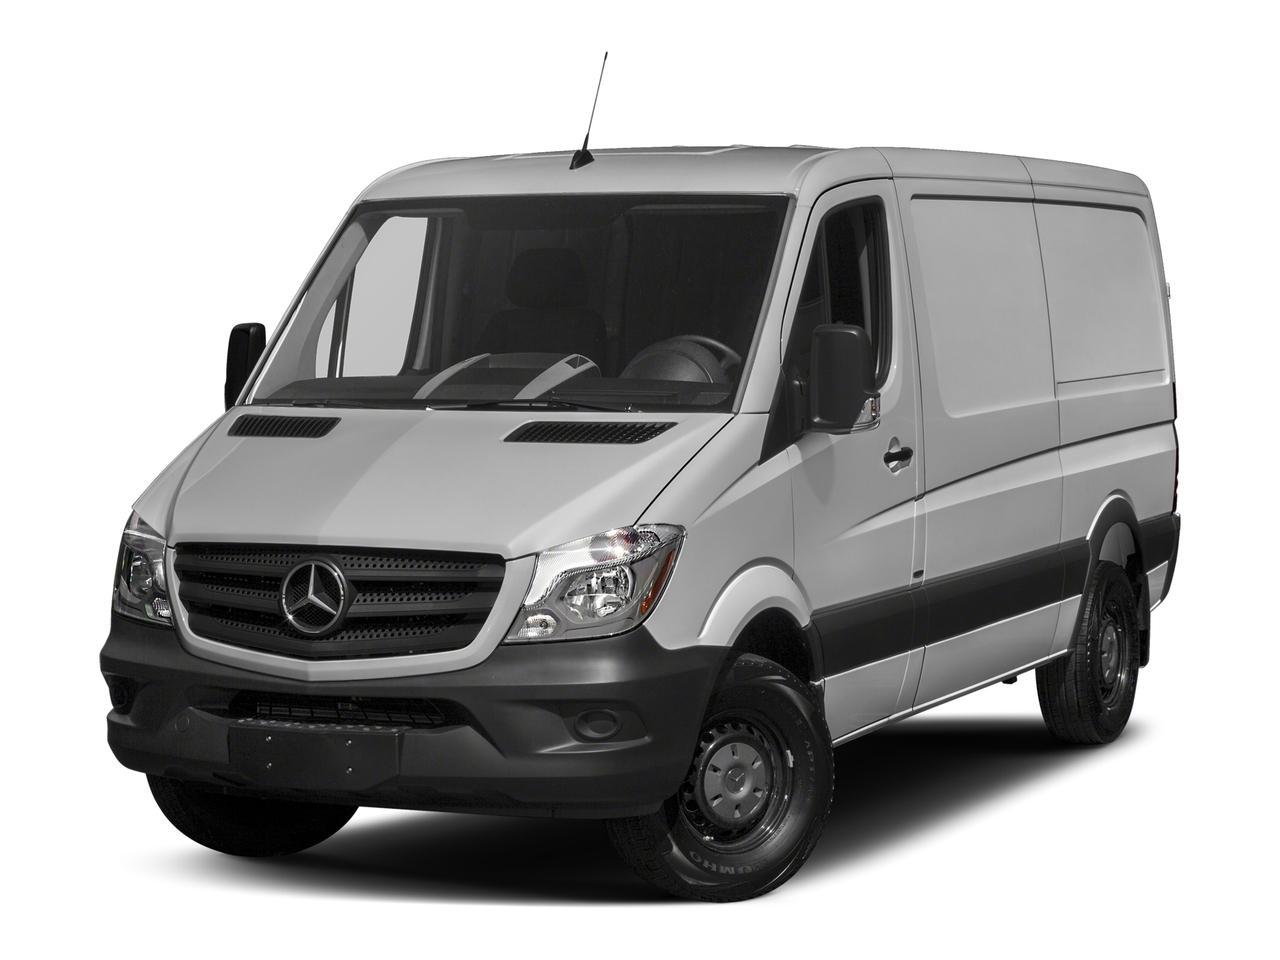 2017 Mercedes-Benz Sprinter Cargo Van Vehicle Photo in Plainfield, IL 60586